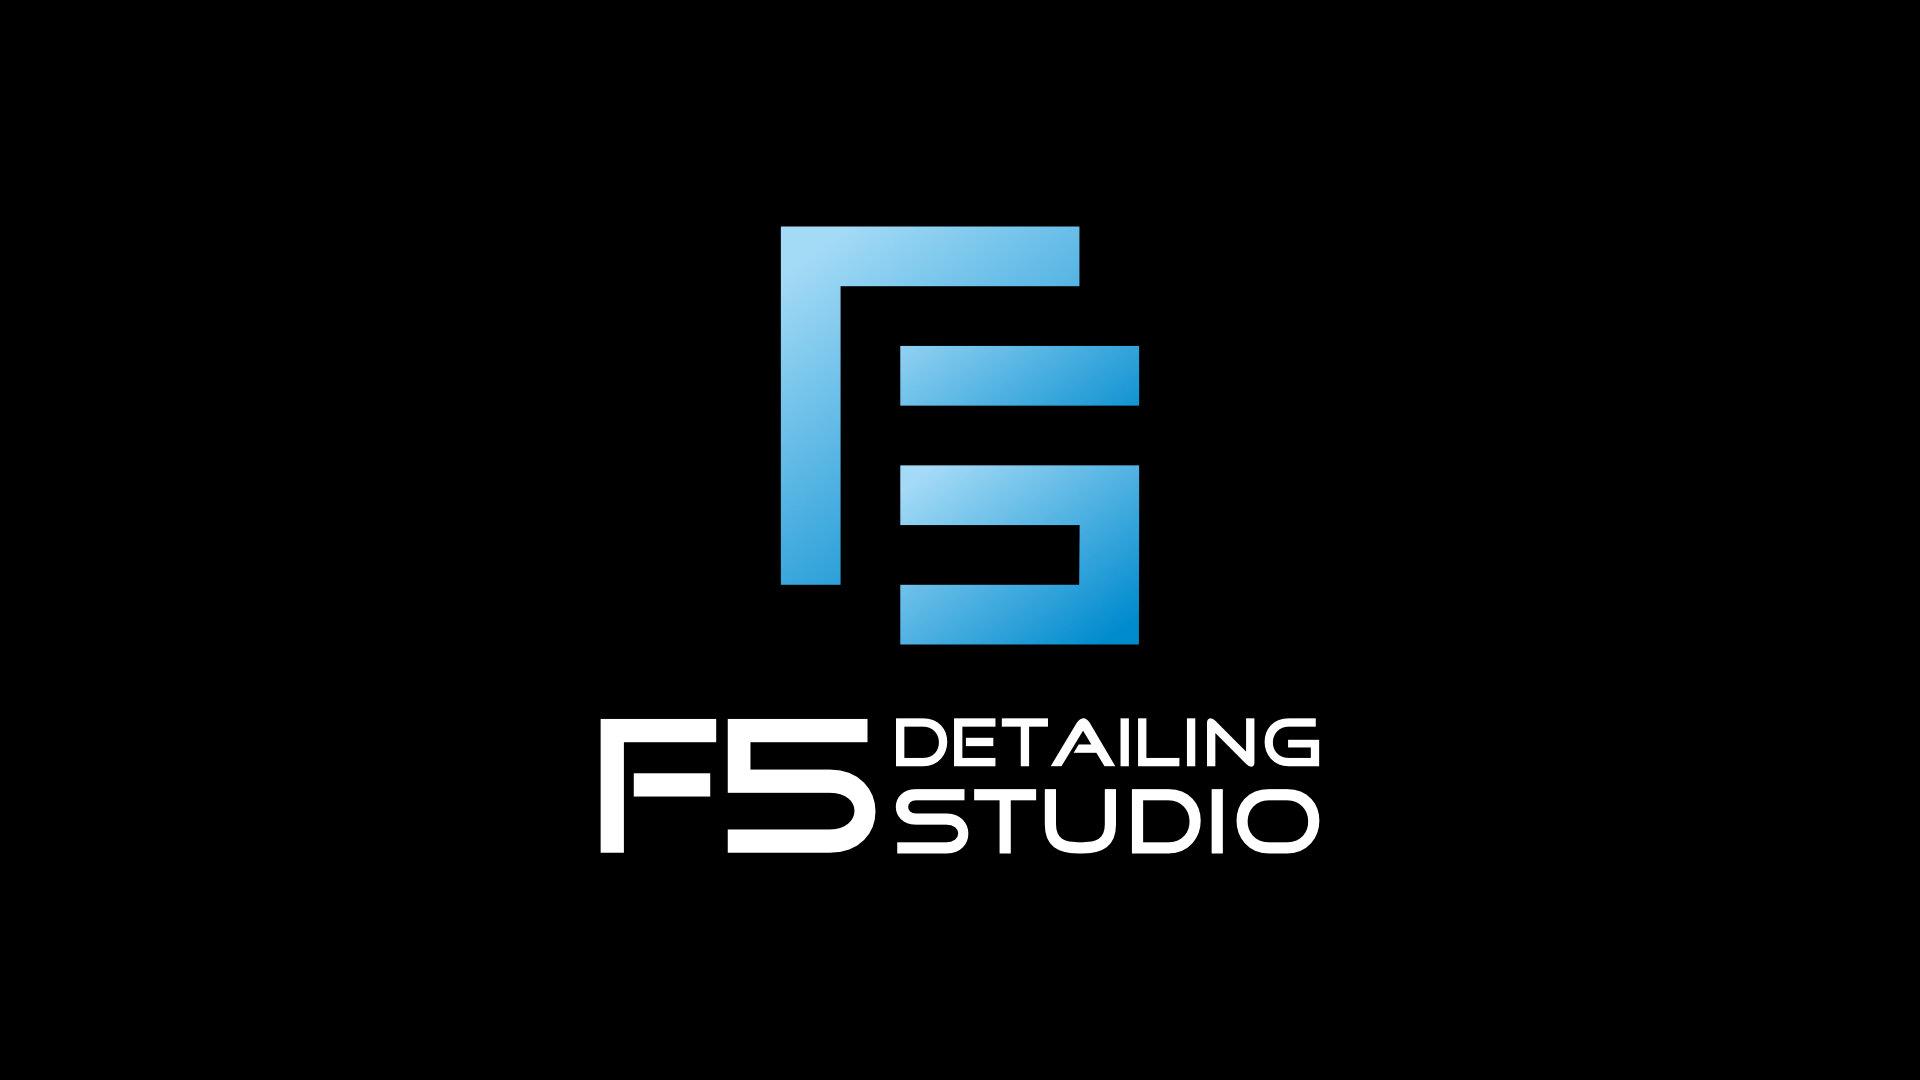 F5 Detailing Studio